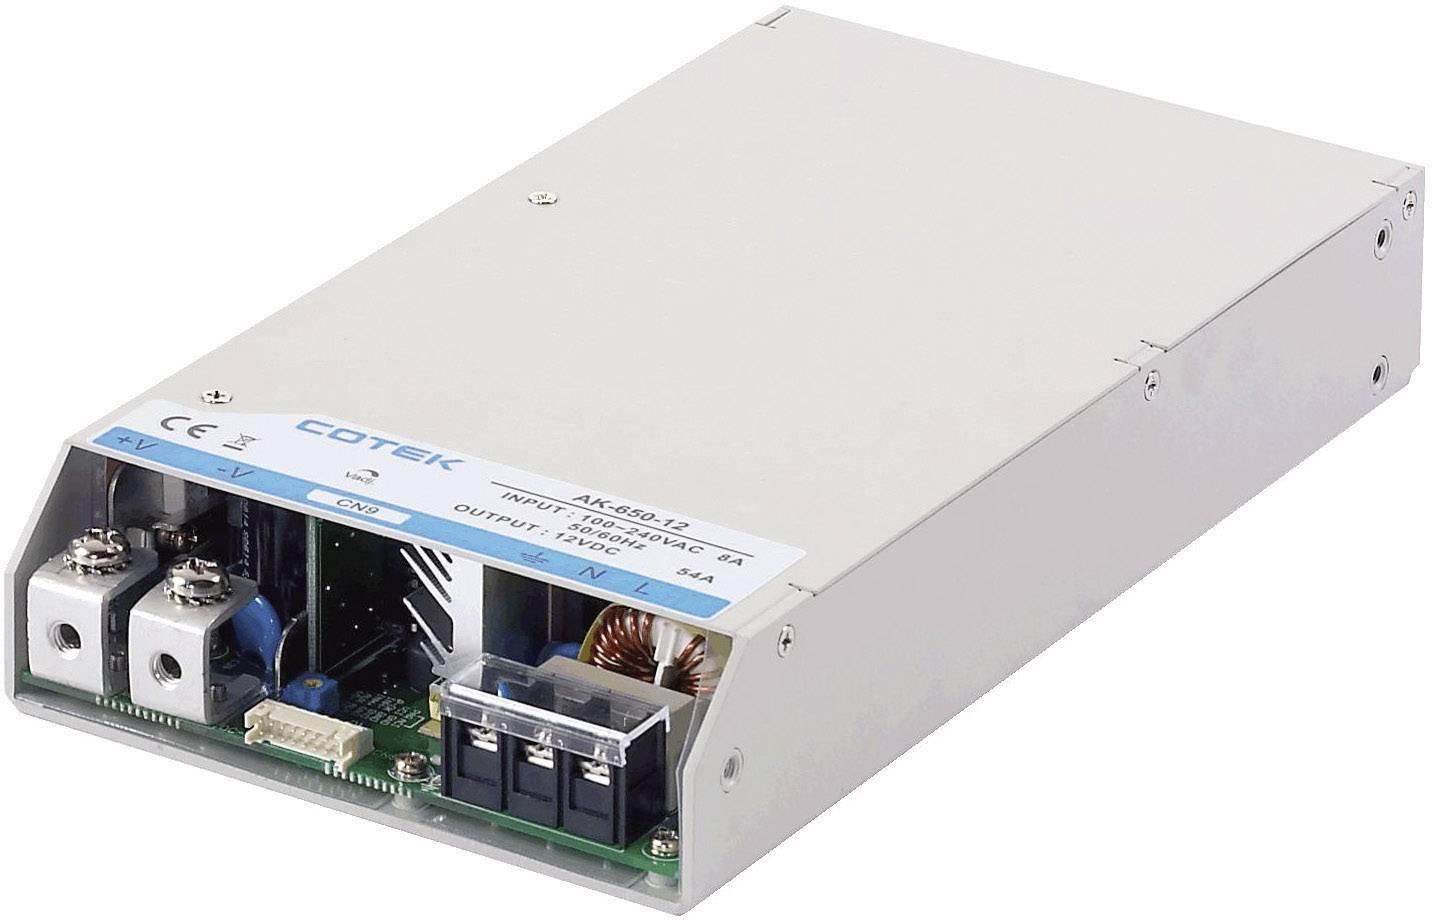 Vestavný napájecí zdroj Cotek AK 650-05, 5 VDC, 100 A